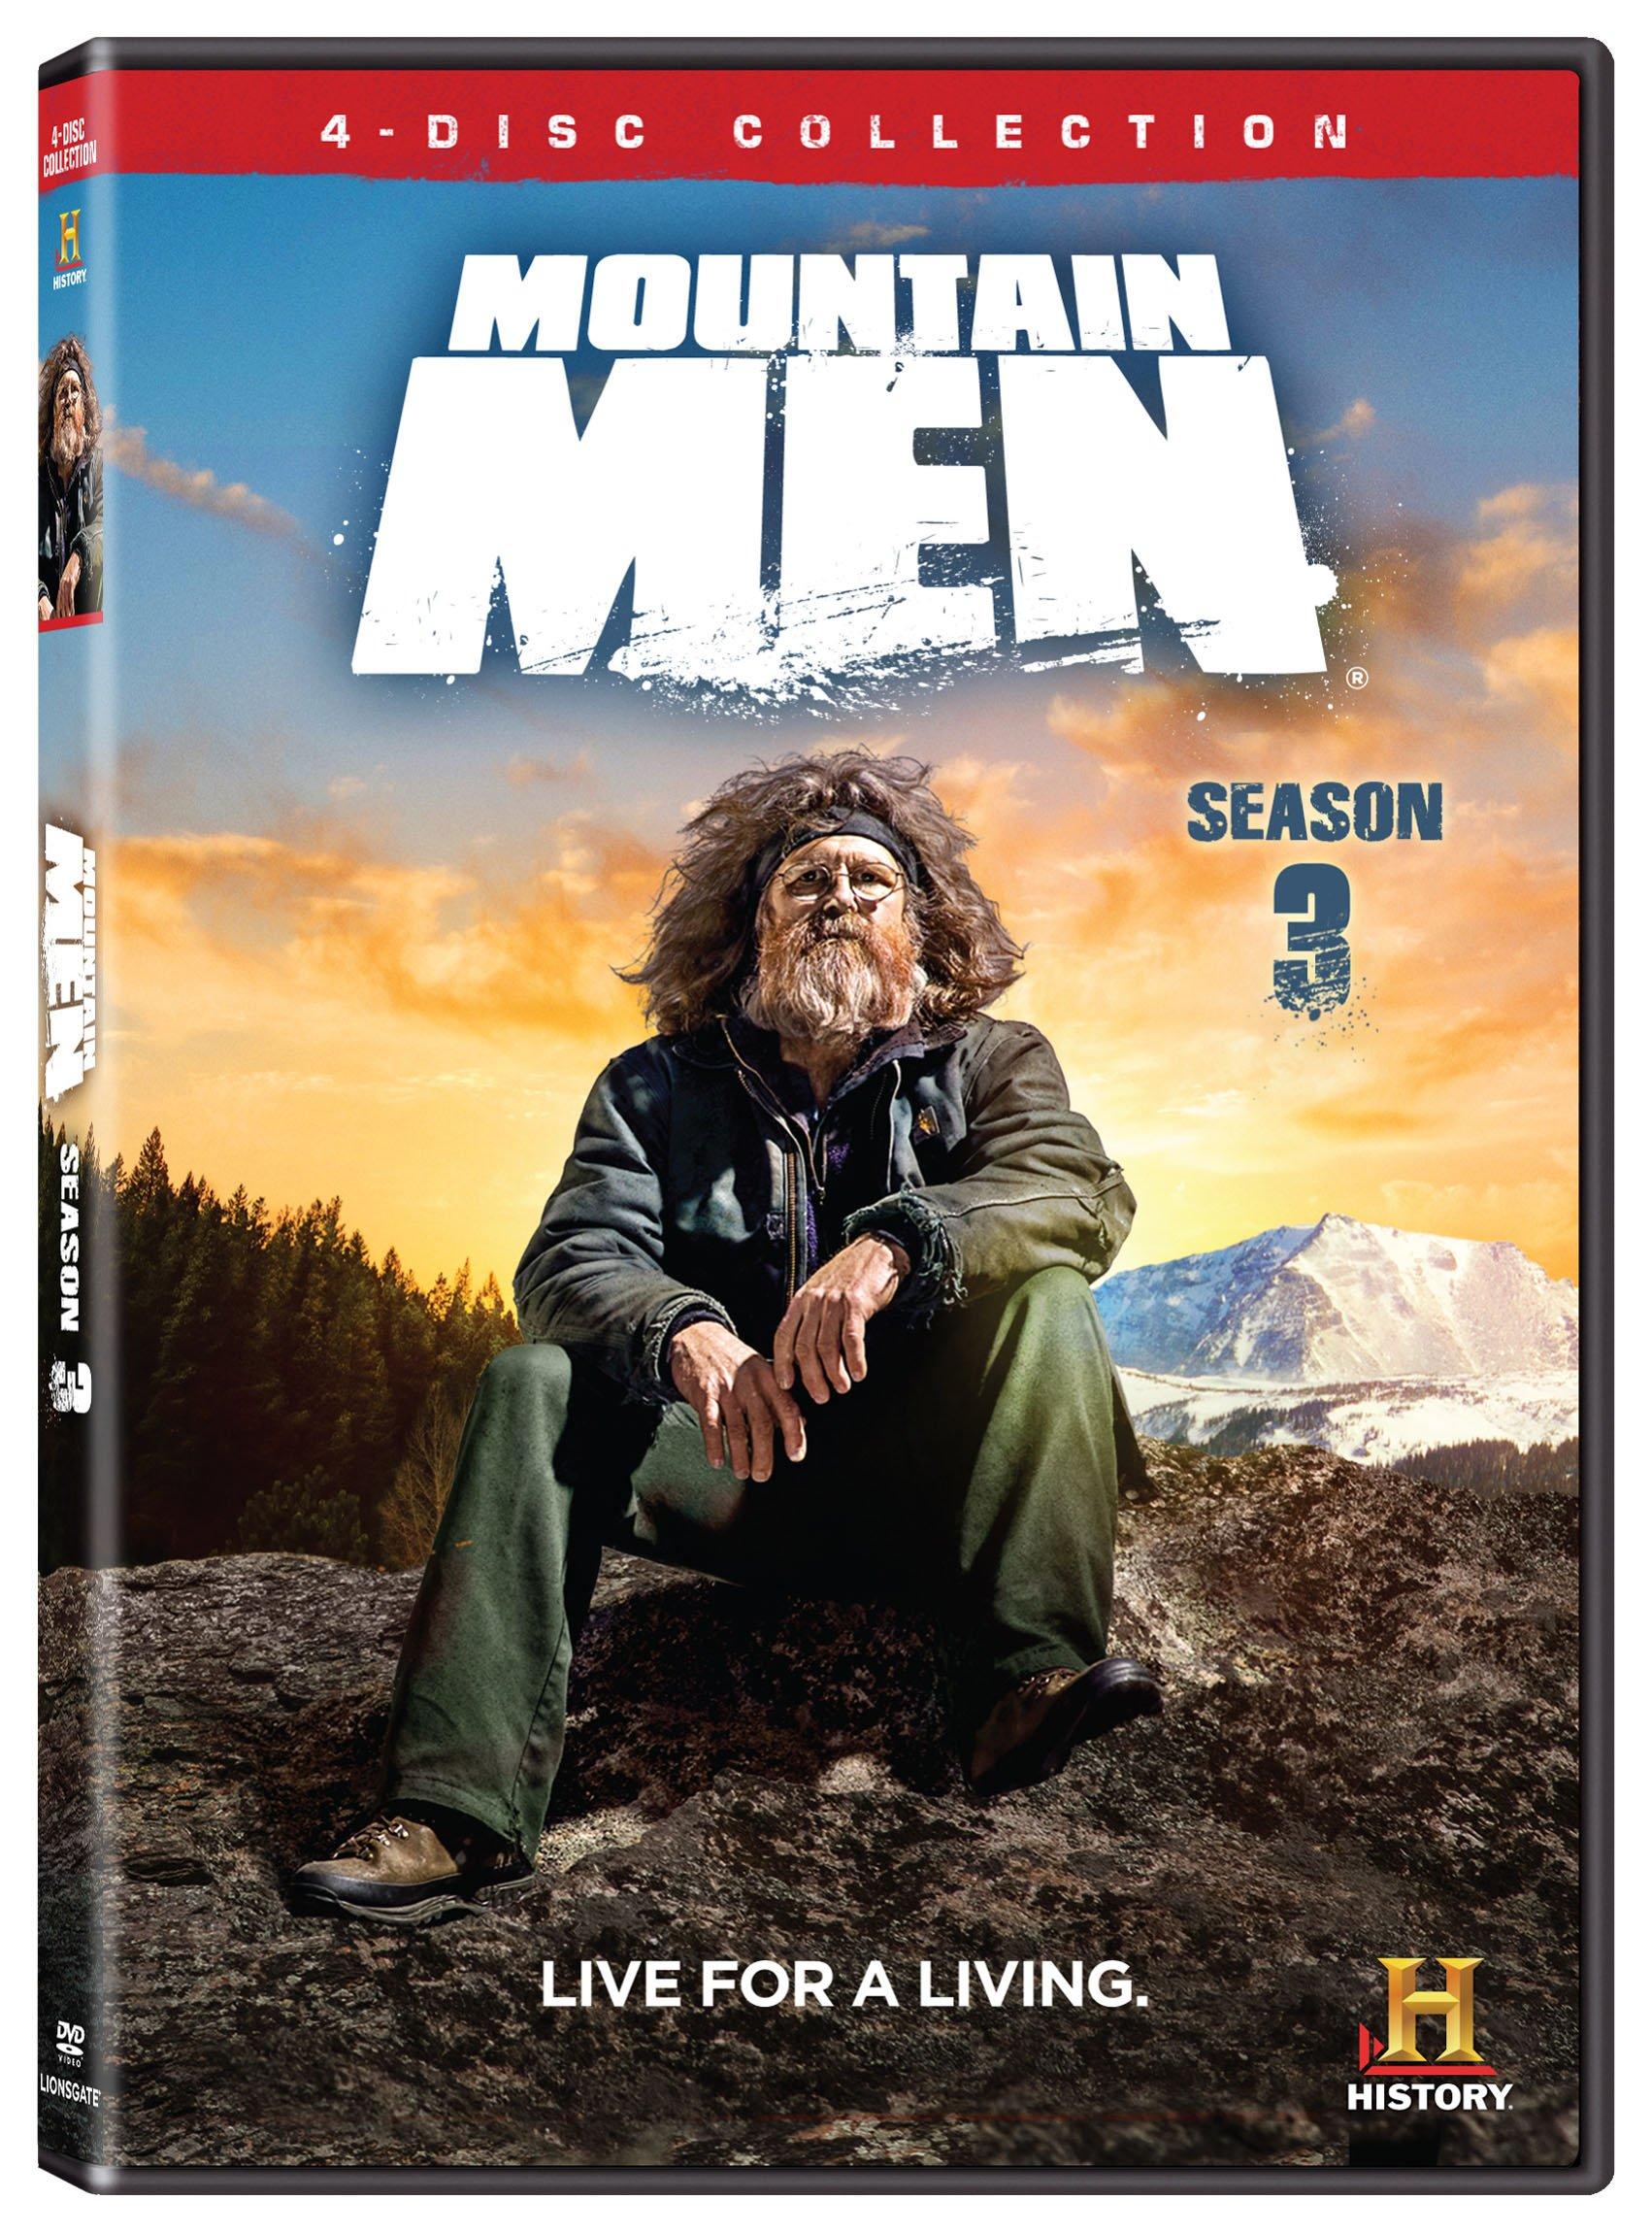 DVD : Mountain Men Season 3 (4PC)